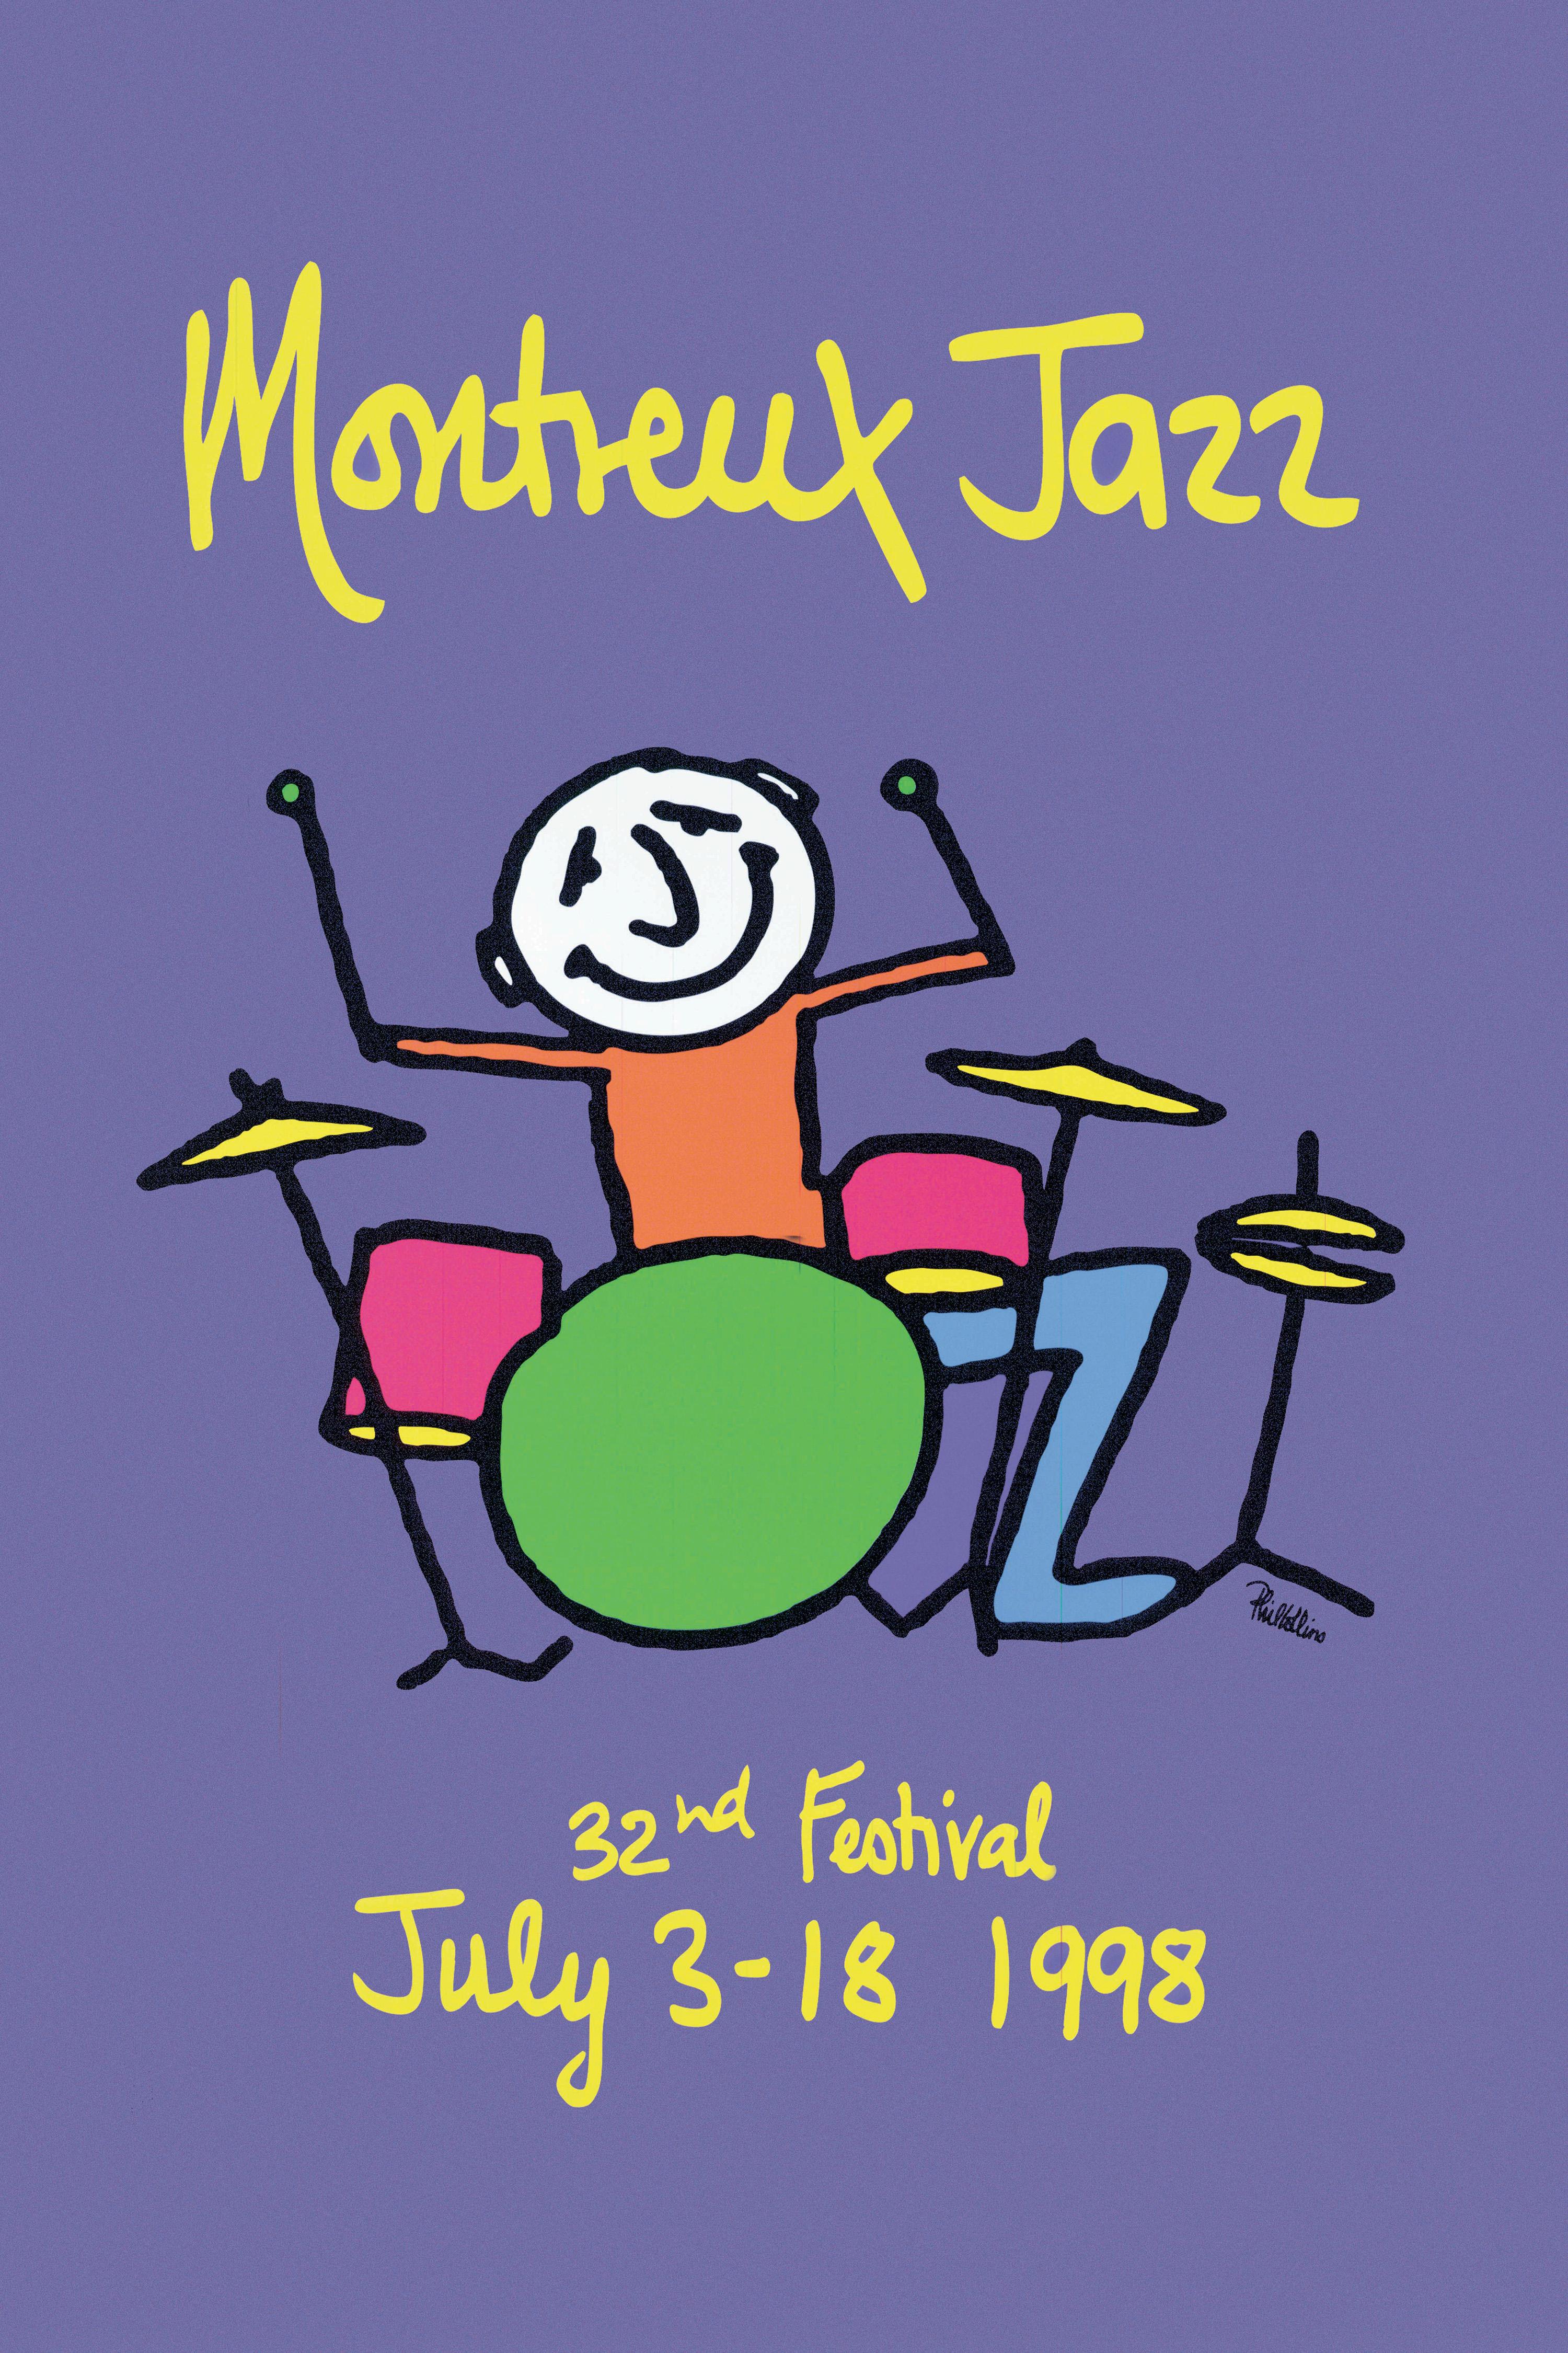 Festival 1998 Montreux Jazz